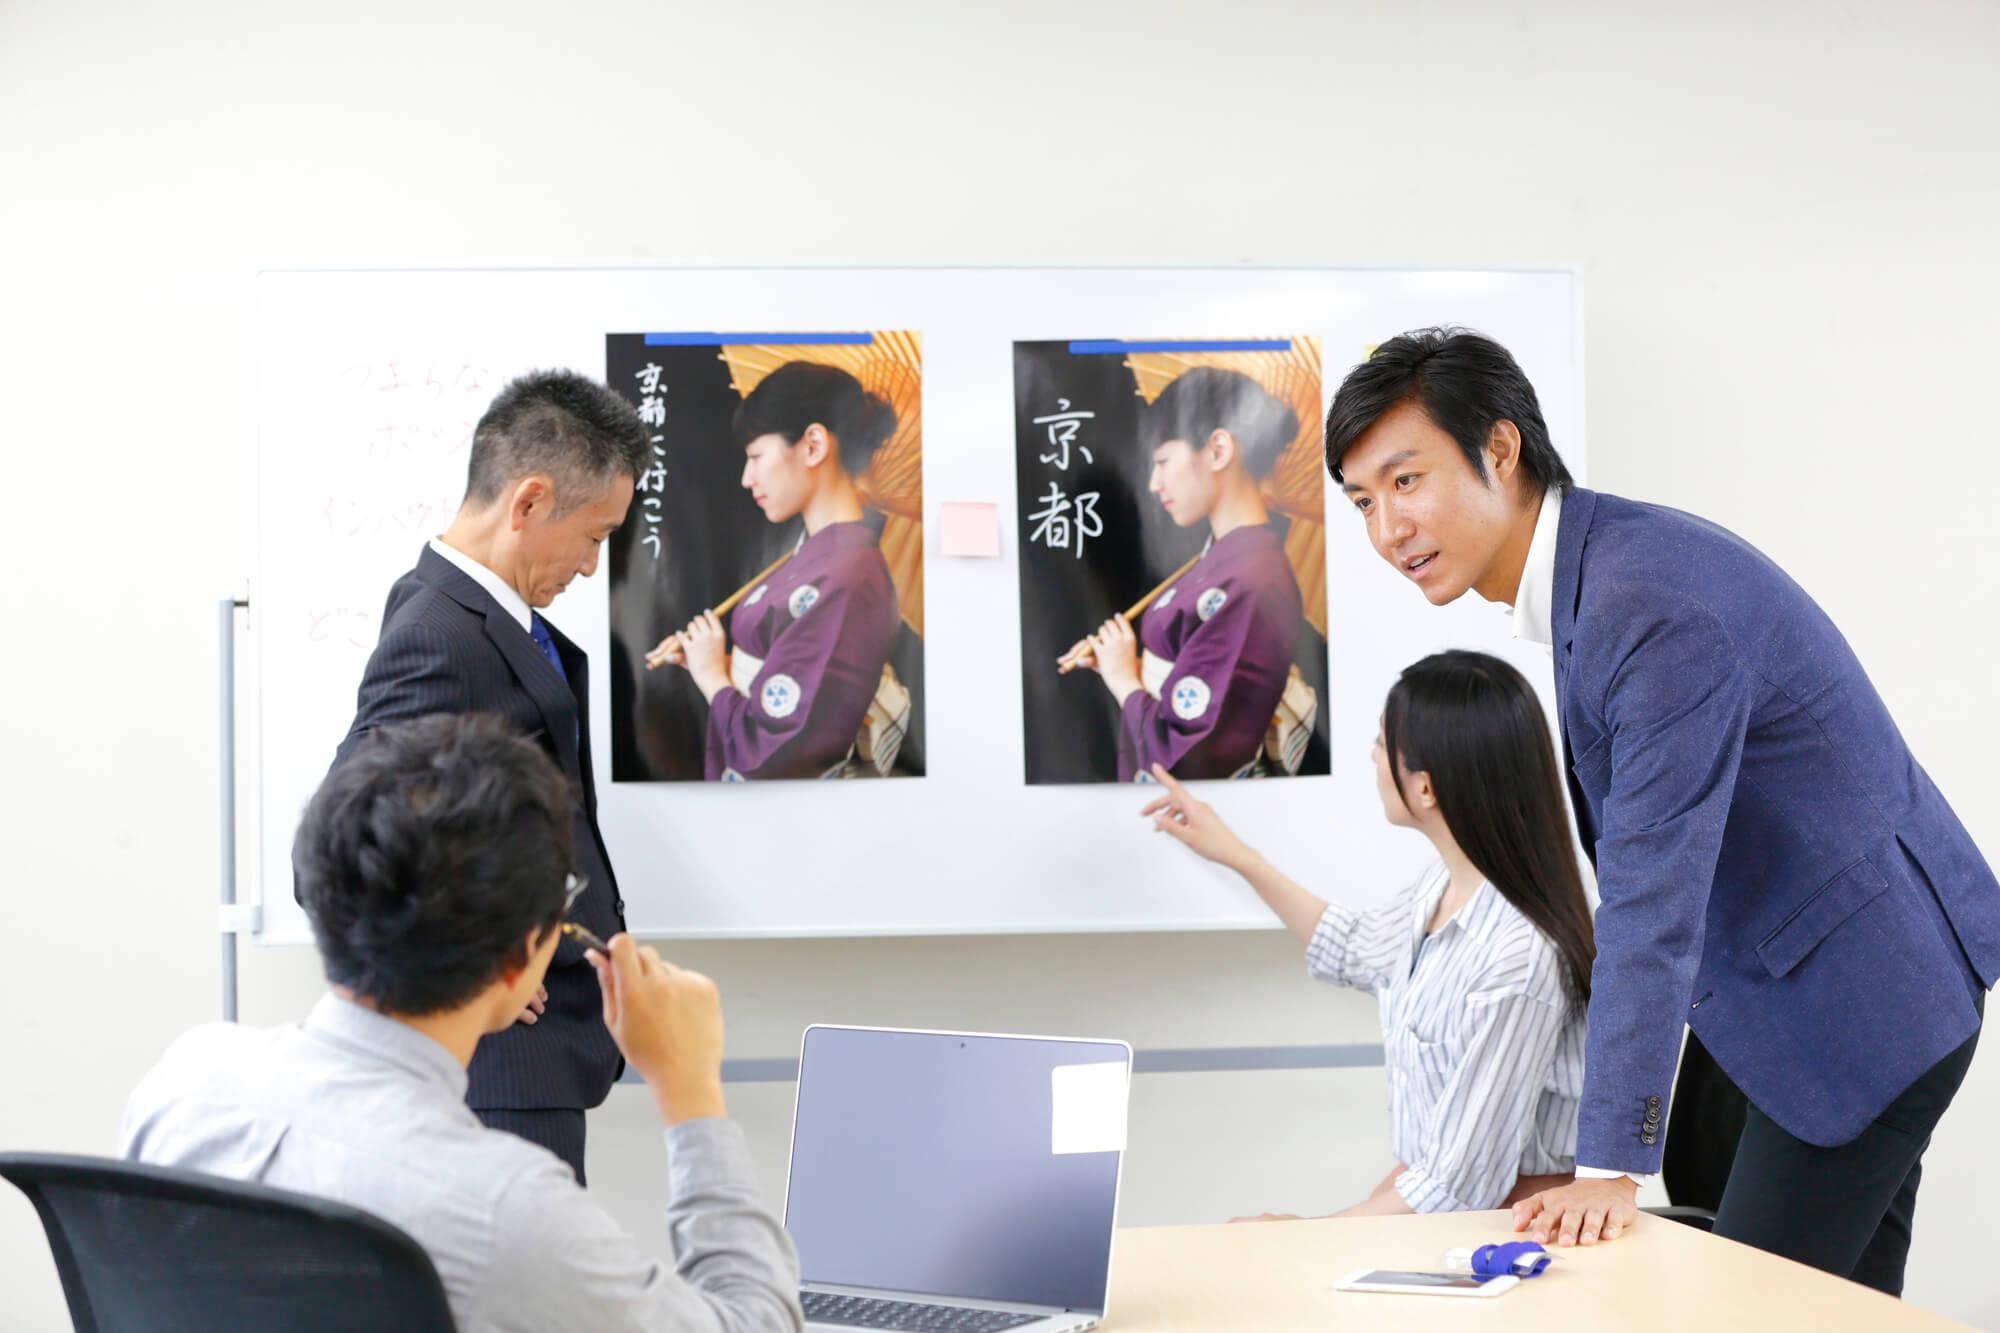 宣伝会議の風景